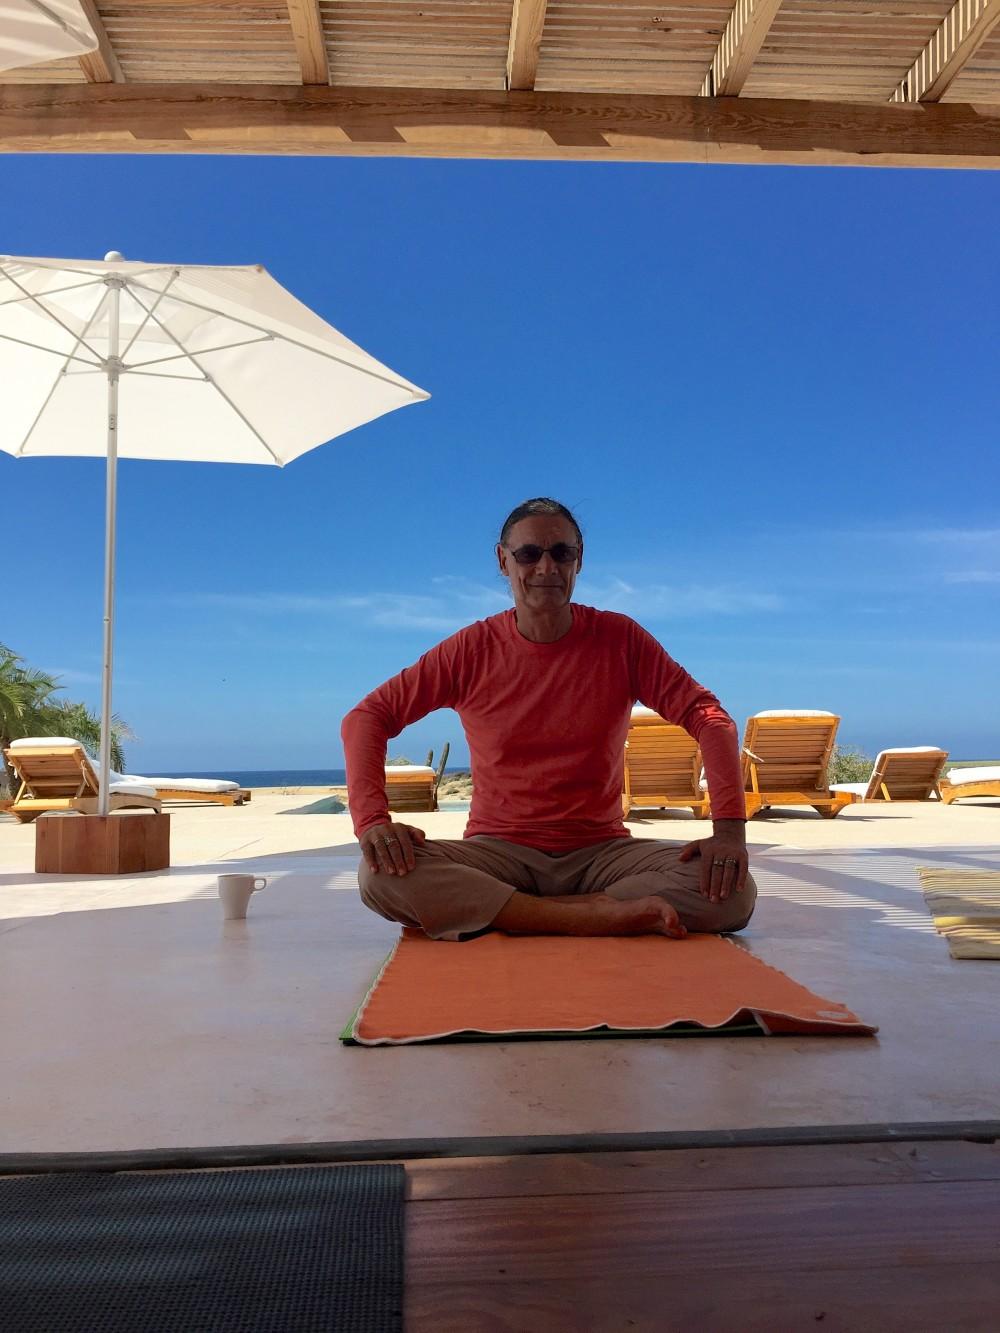 Fabio relaxing